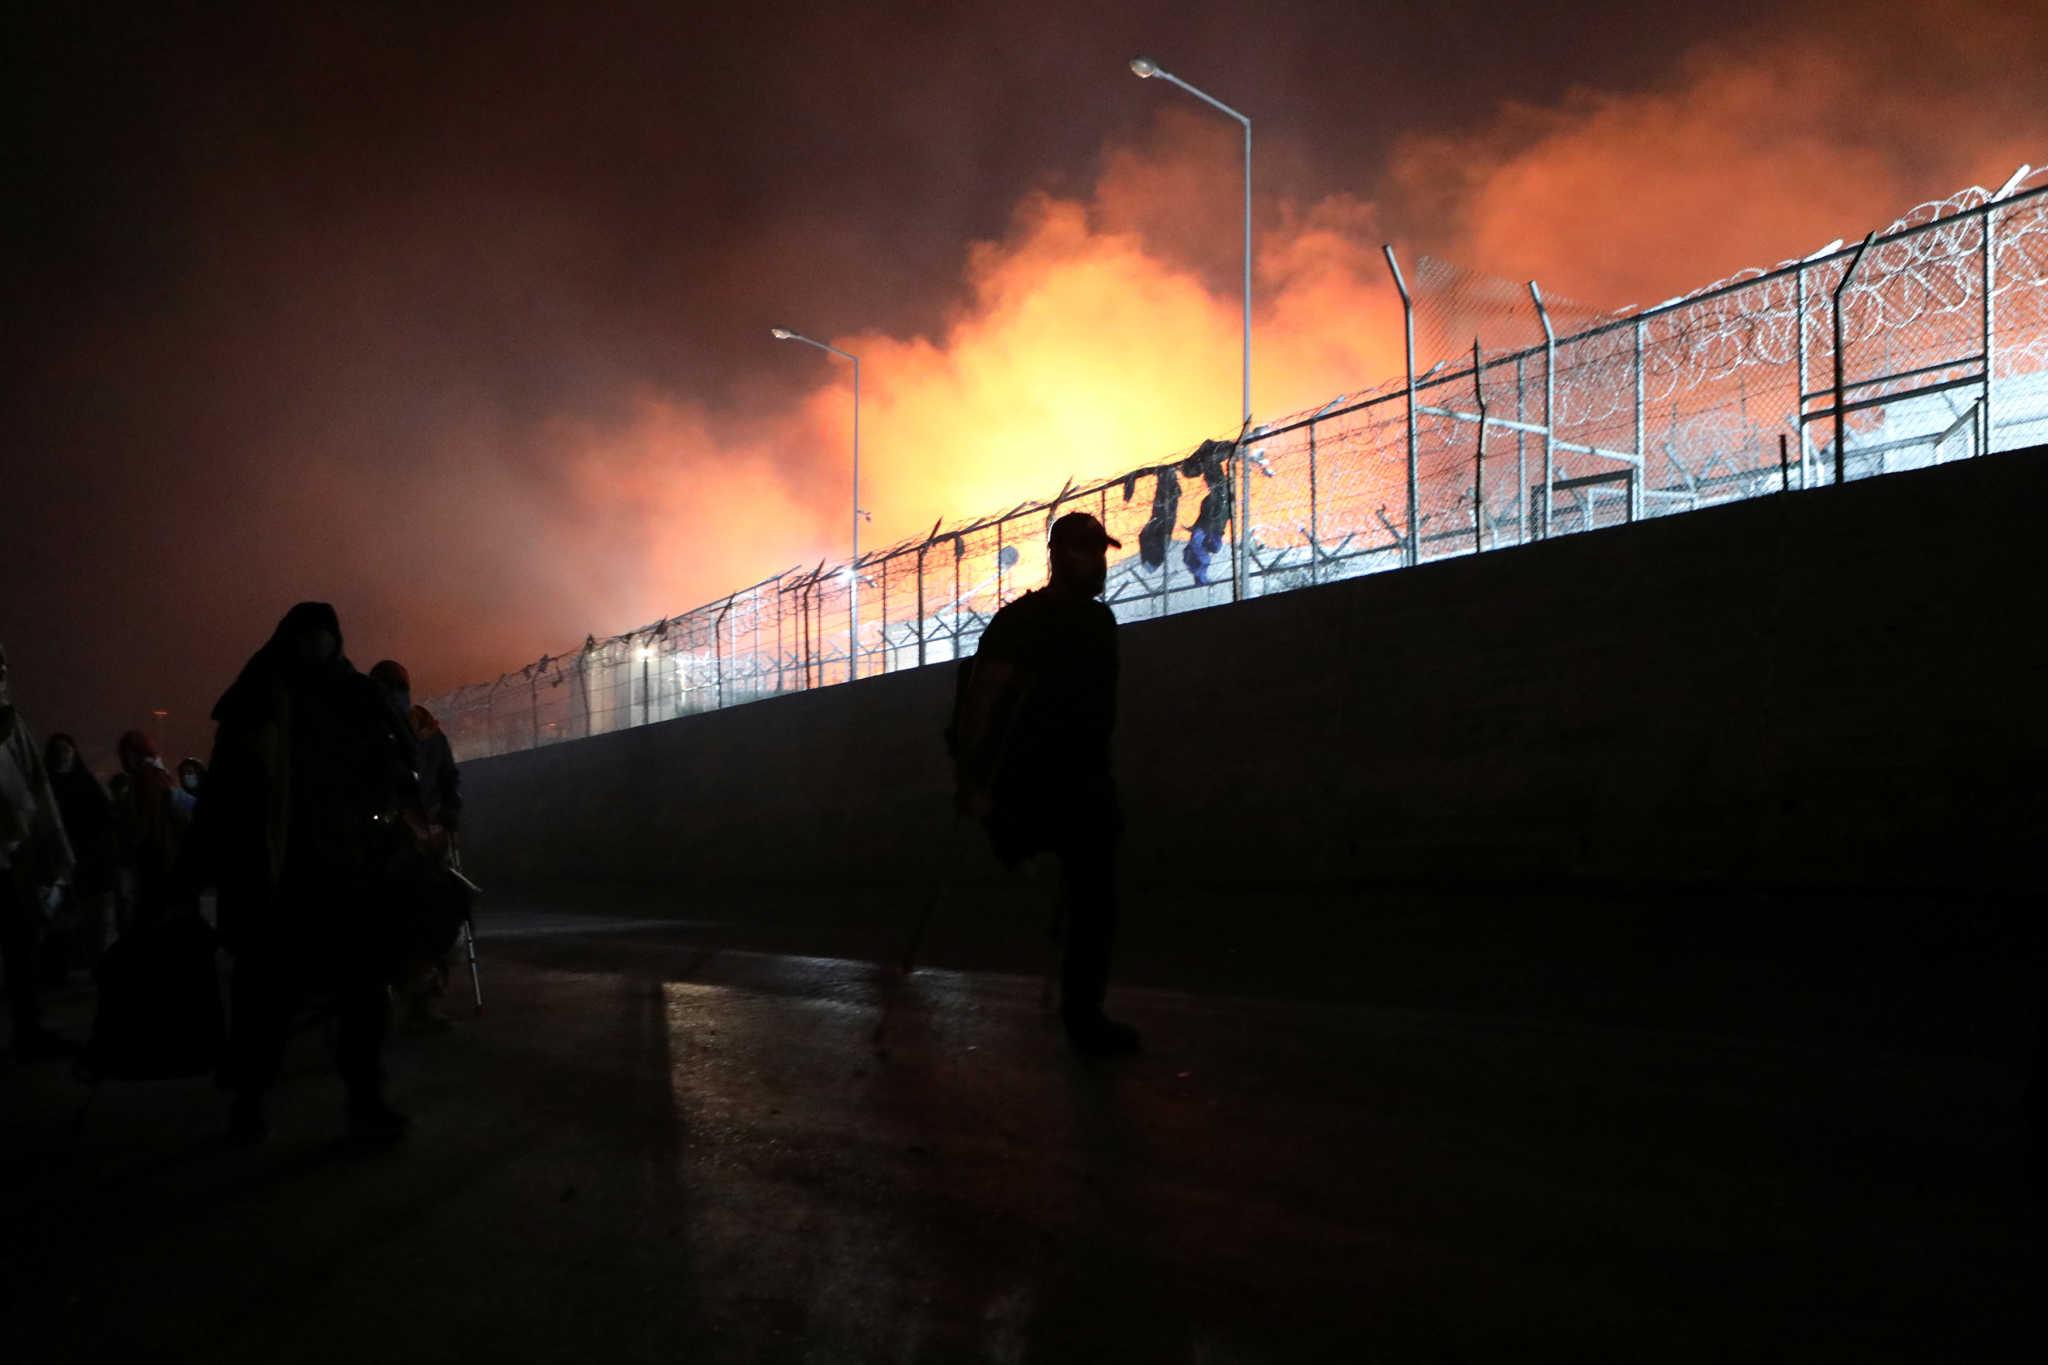 Μόρια: Αποκαλυπτικά τα ευρήματα ΕΥΠ και Αντιτρομοκρατικής για τη φωτιά στο κέντρο υποδοχής προσφύγων